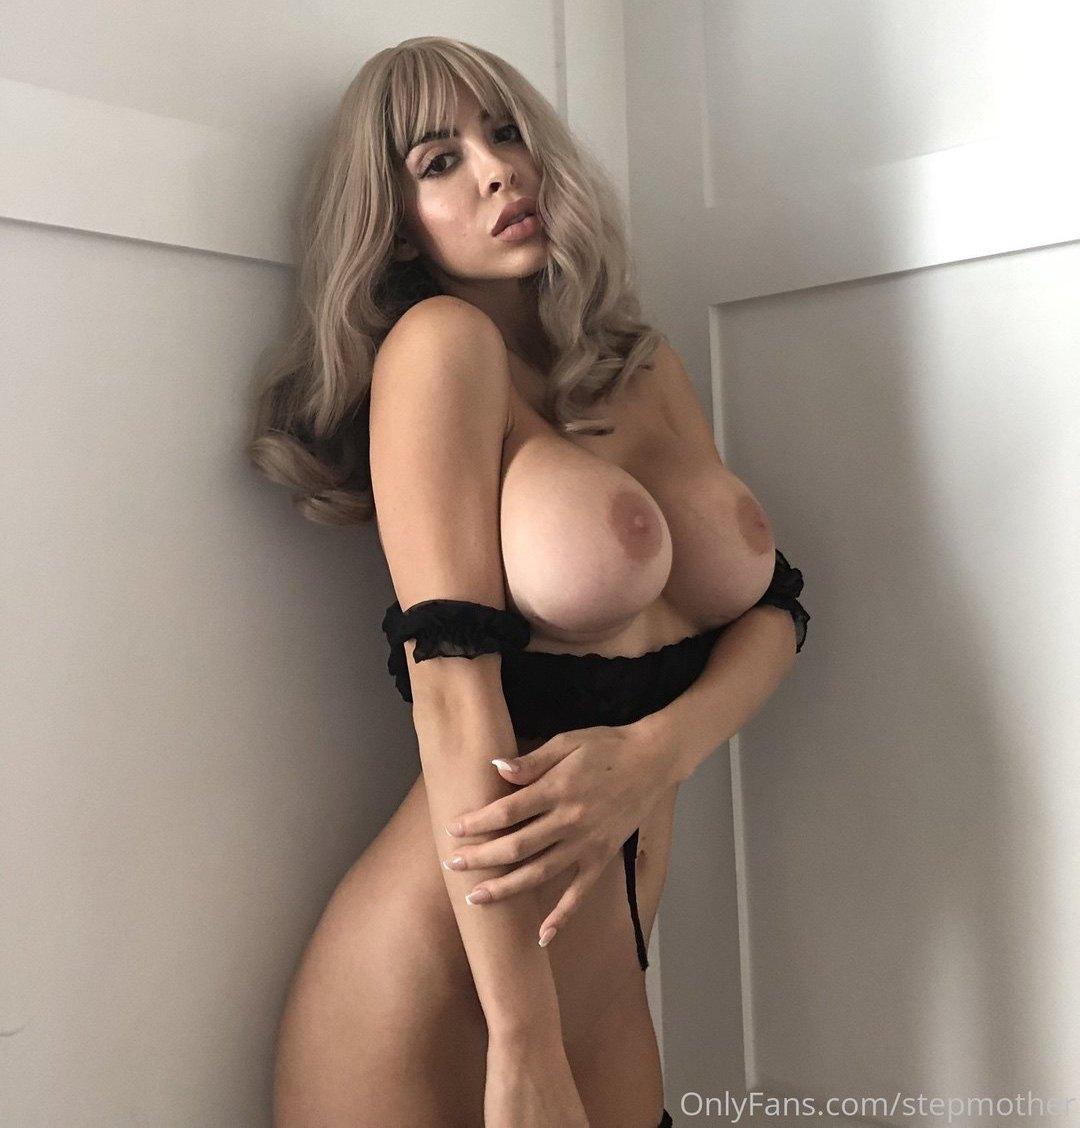 Zayla Skye Stepmother Onlyfans Nudes Leaks 0011